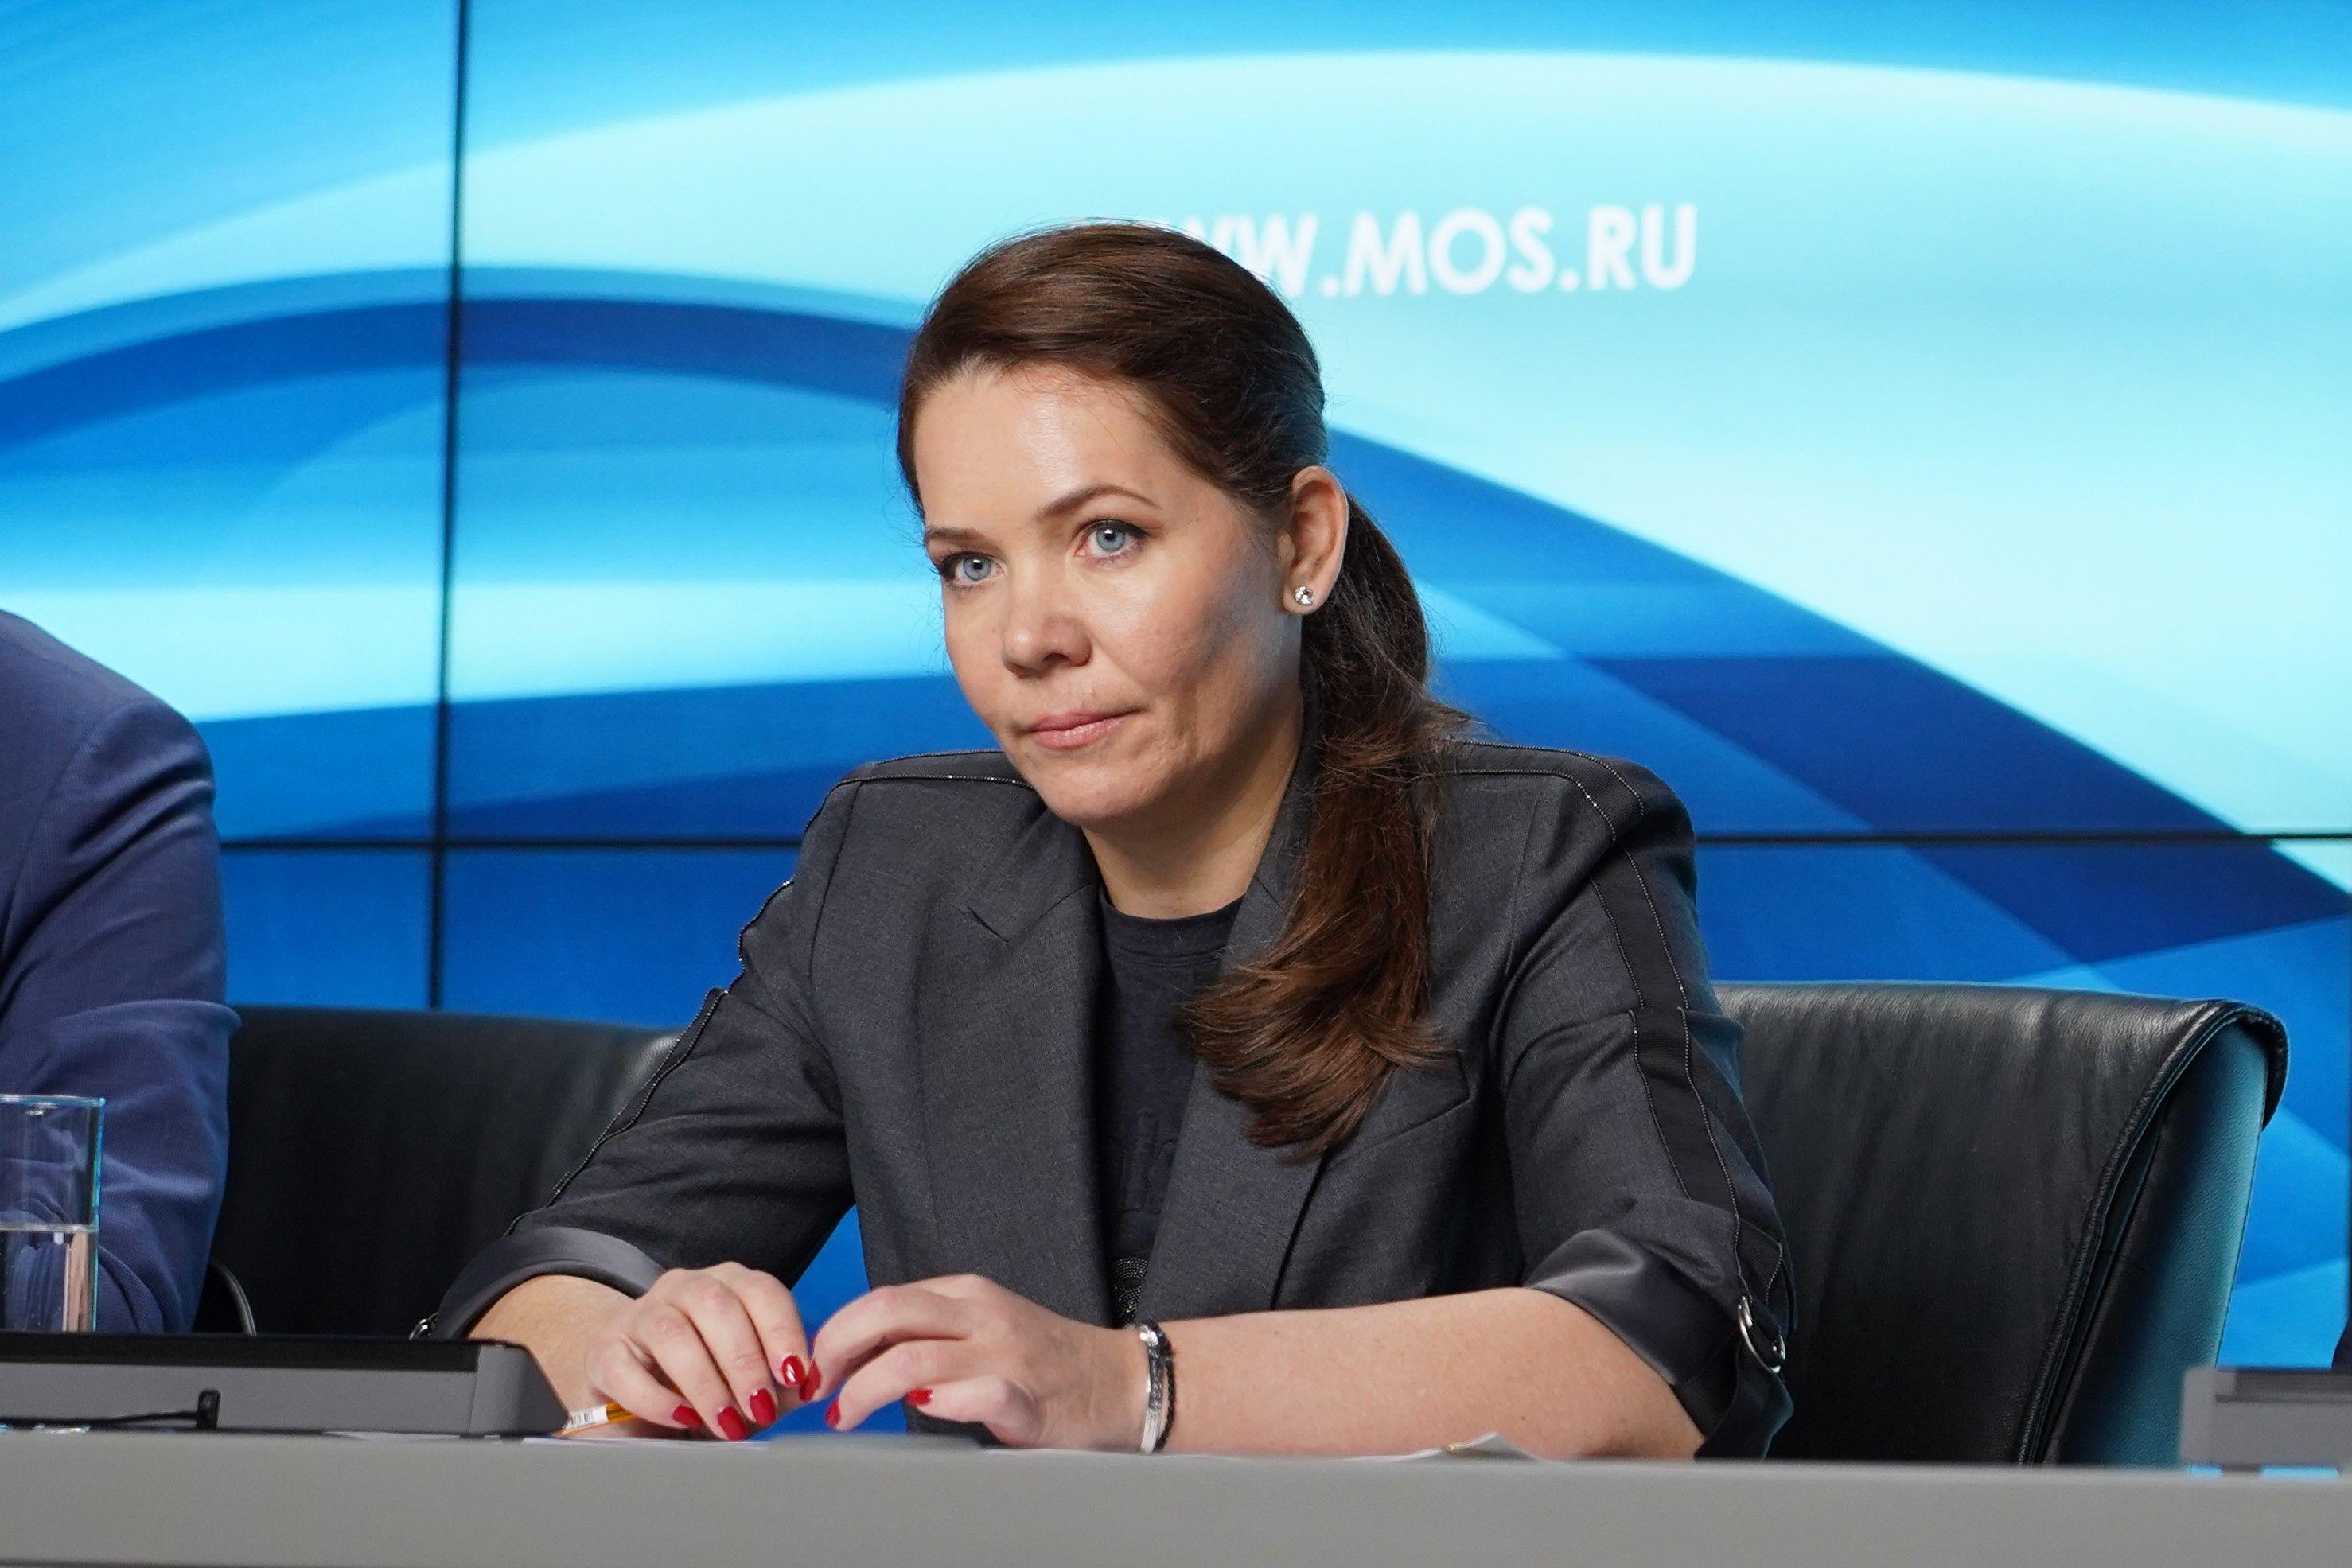 Анастасия Ракова: Свыше миллиона материалов доступно в библиотеке «МЭШ»